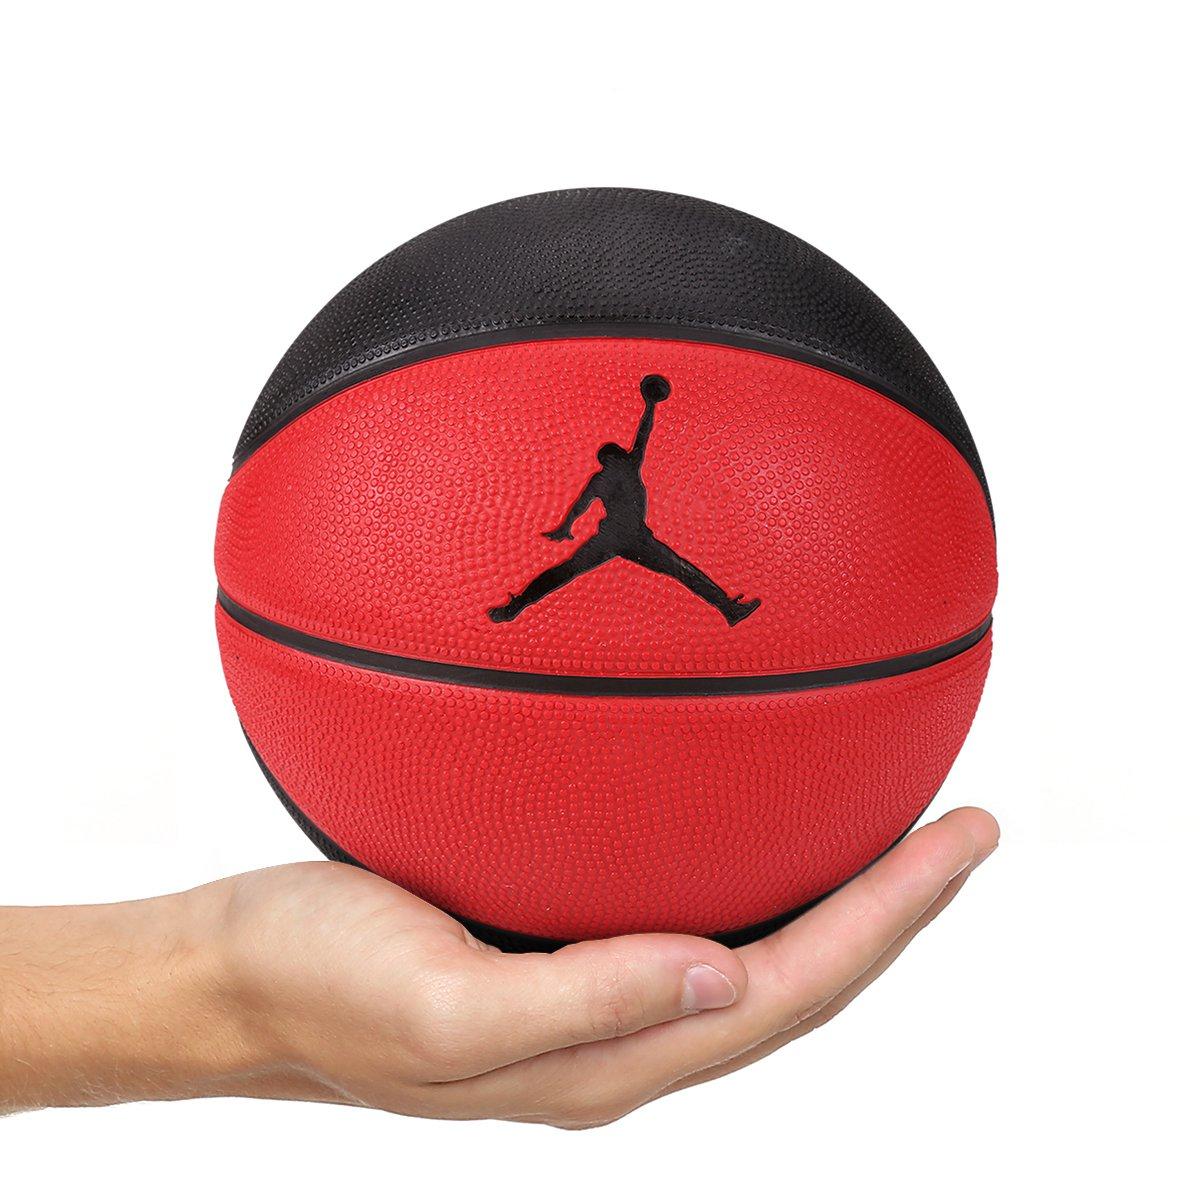 Mini Bola Basquete Nike Jordan Mini Tam 3 4ae4ec18547d9